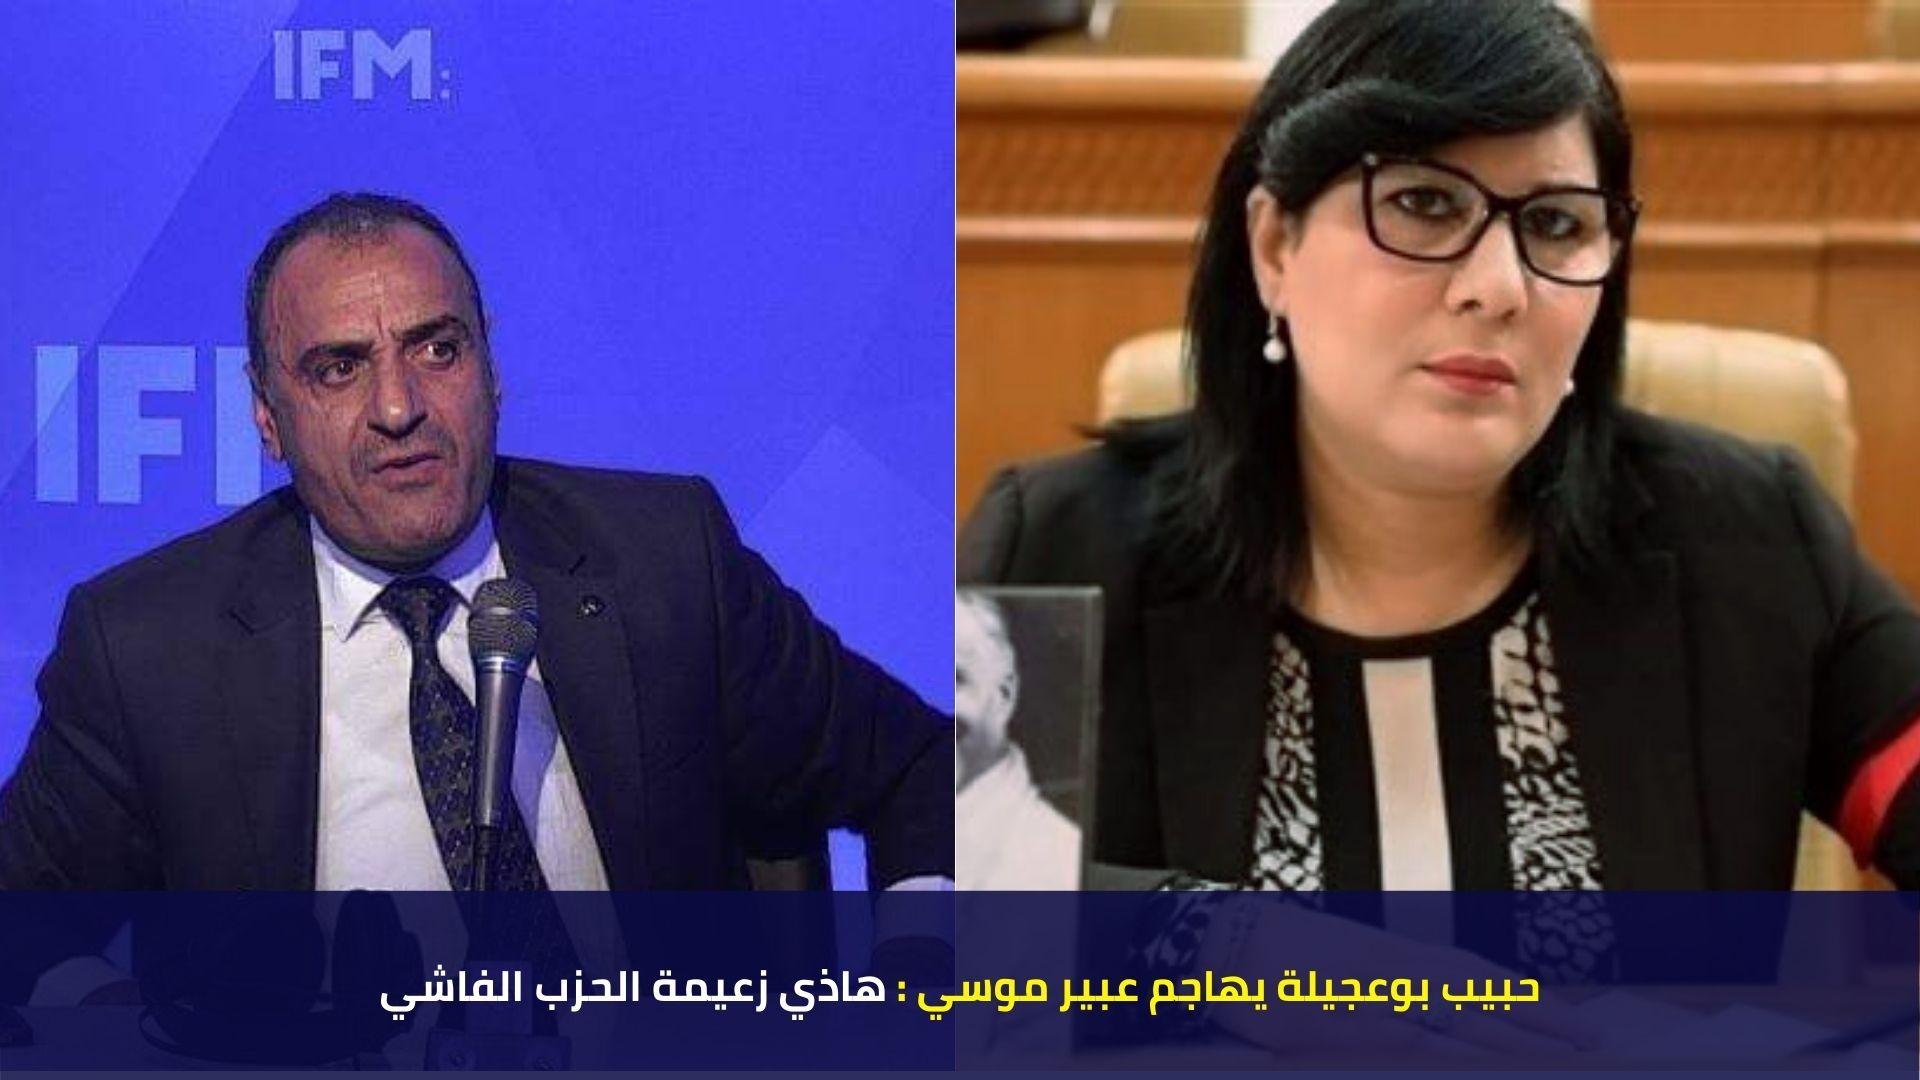 حبيب بوعجيلة يهاجم عبير موسي : هاذي زعيمة الحزب الفاشي